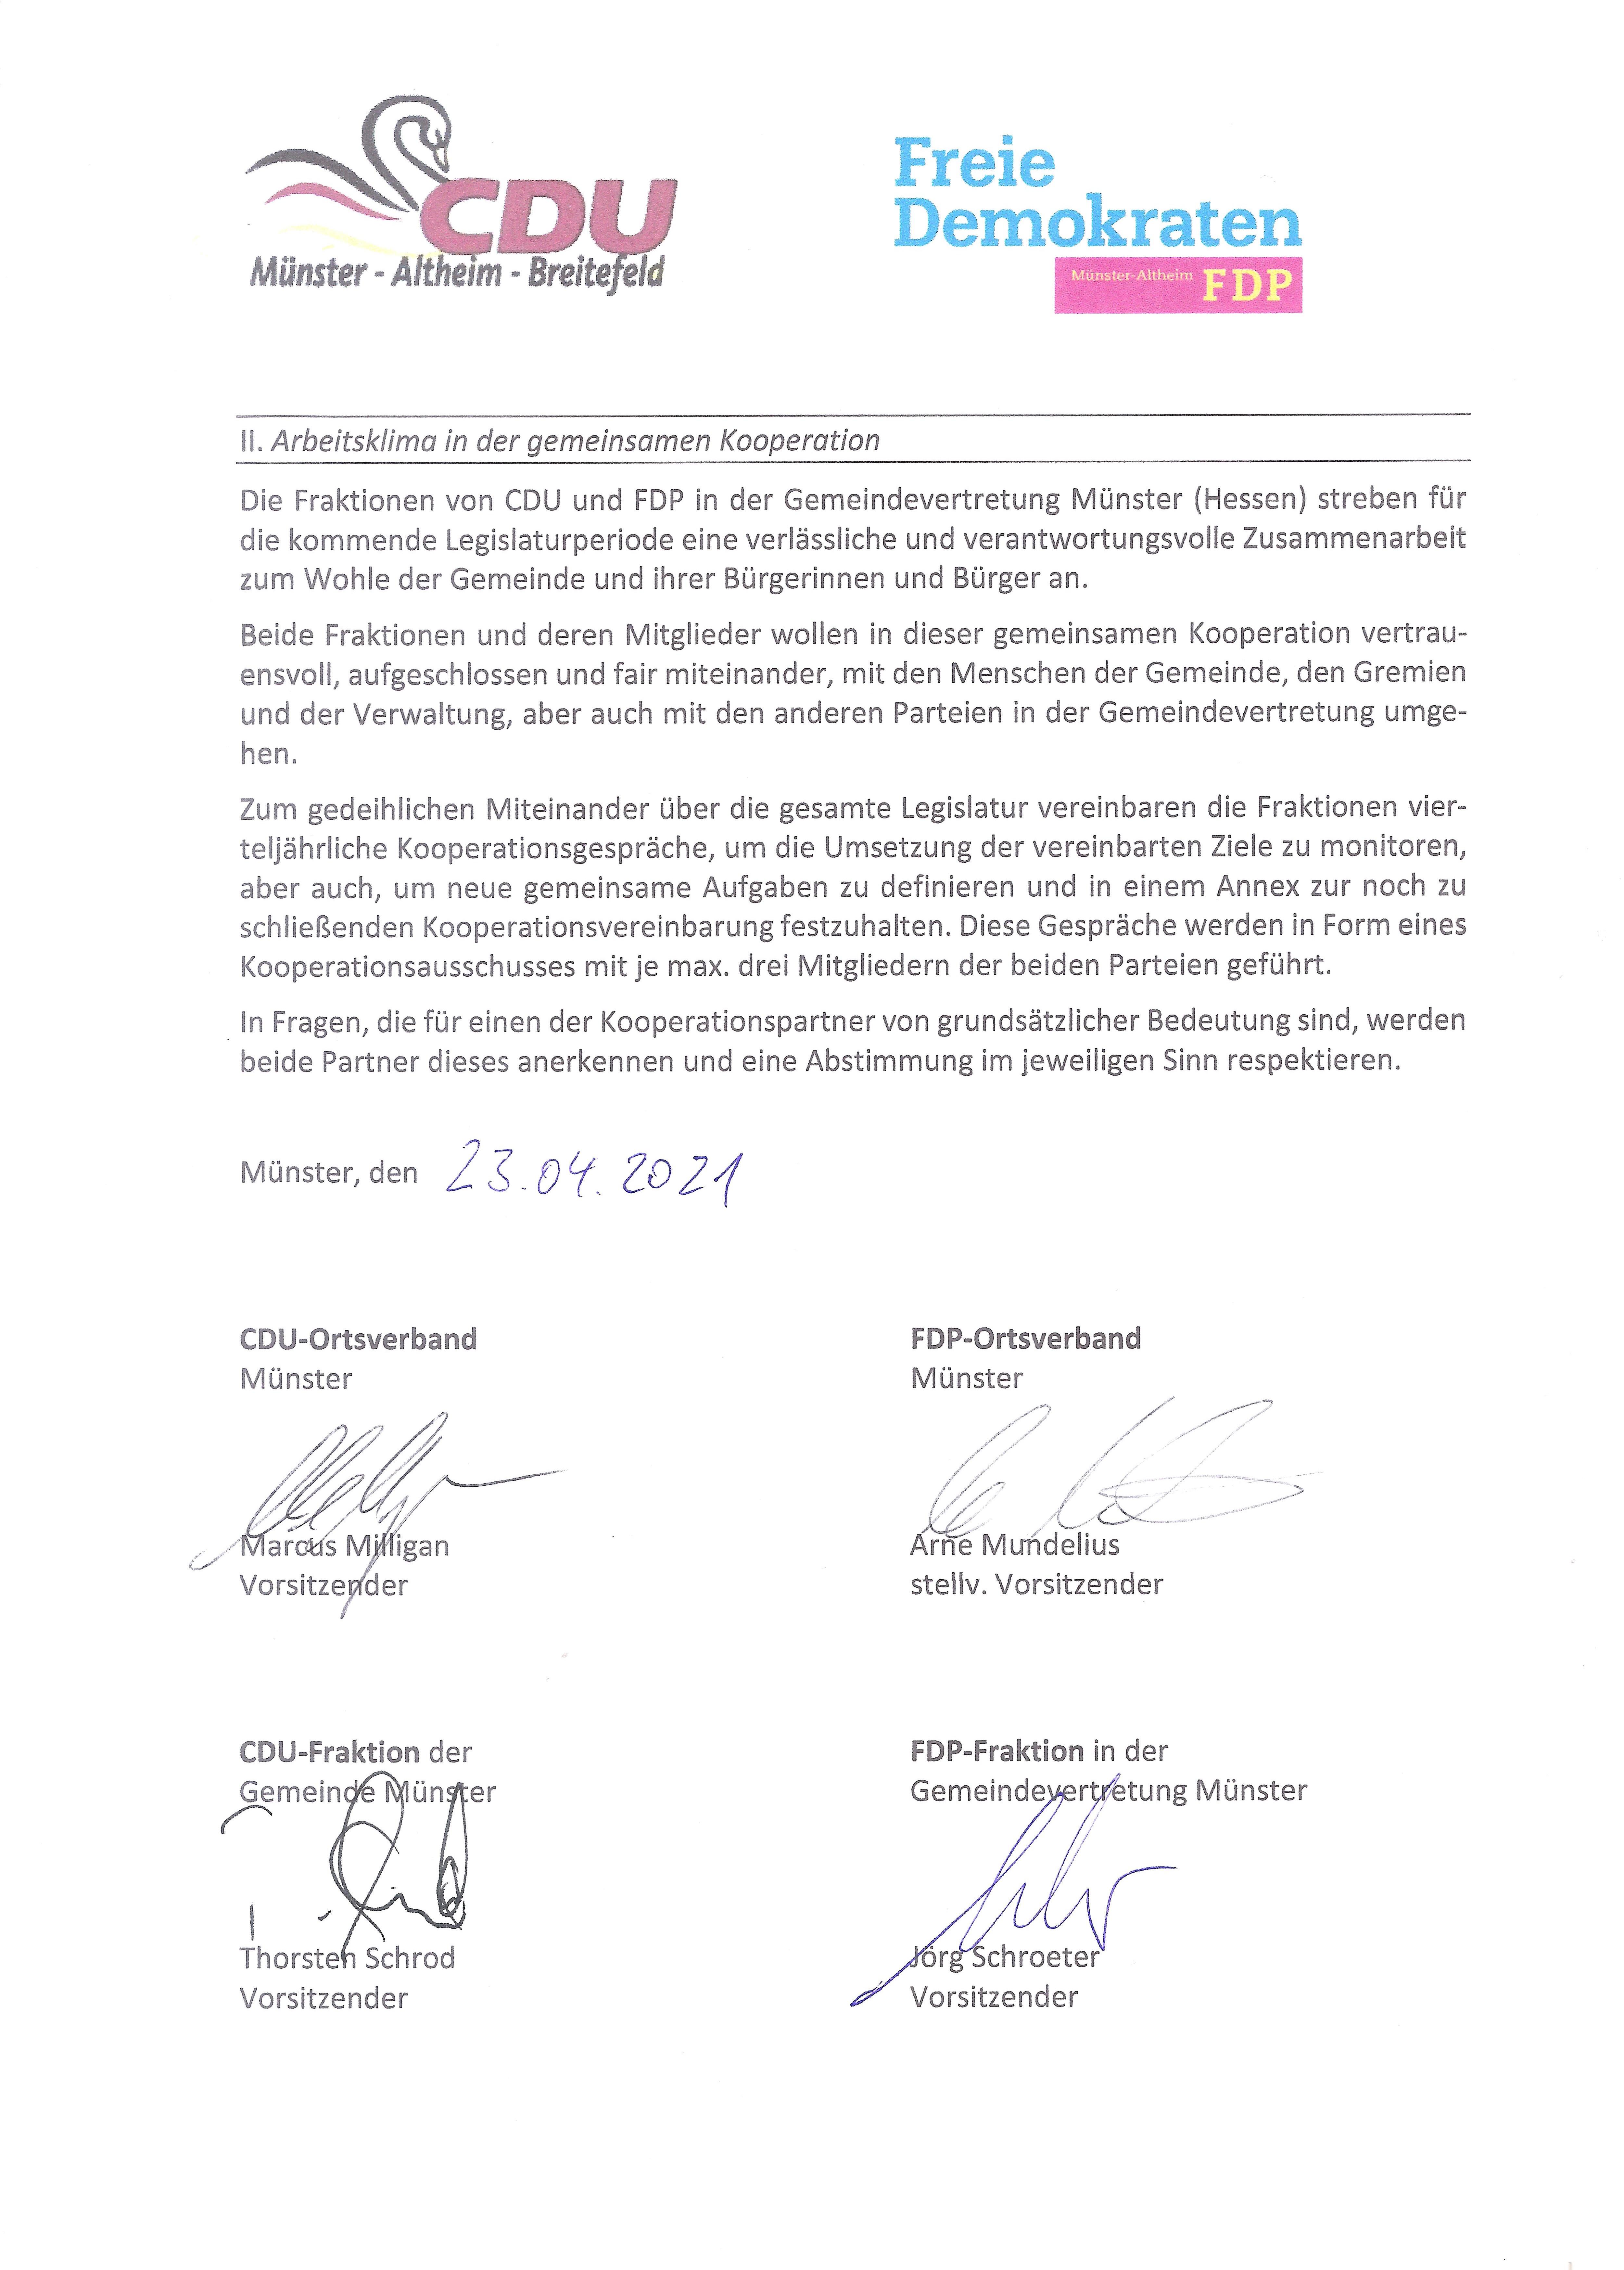 Die von CDU und FDP unterzeichnete Absichtserklärung zur Erarbeitung eines Kooperationsvertrages - Seite 2